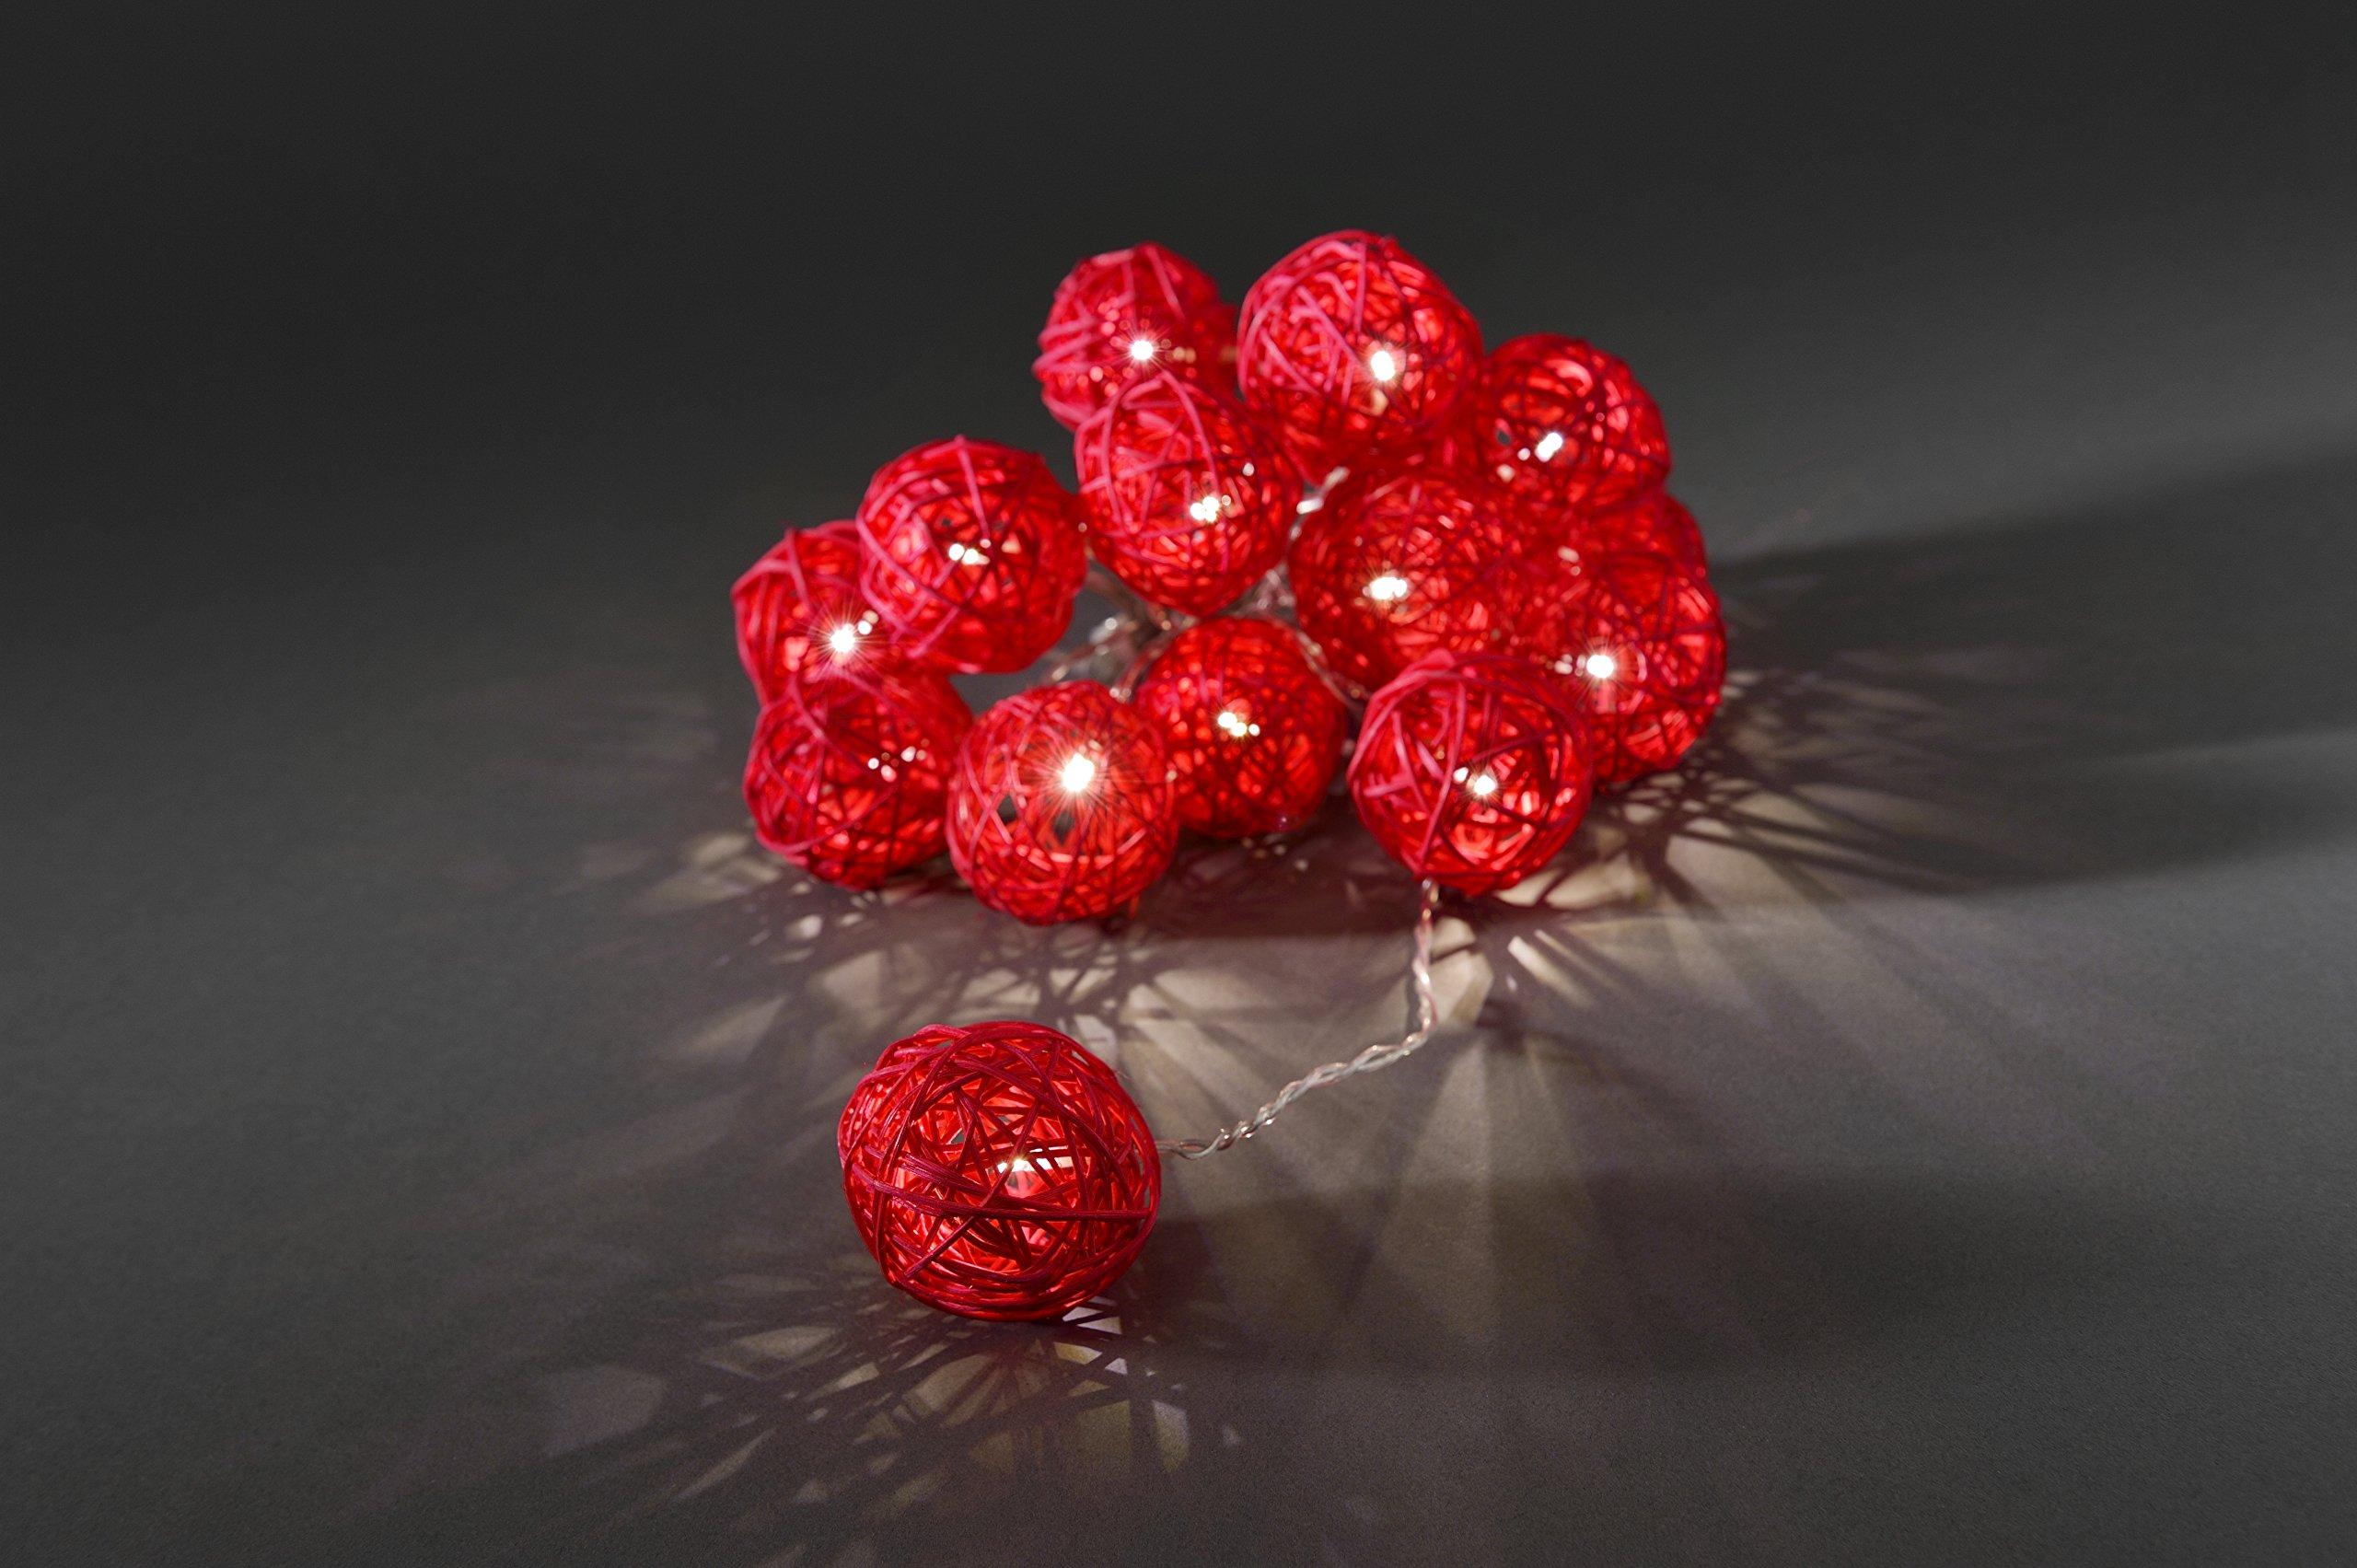 Konstsmide-3151-553-LED-Dekolichterkette-rote-Rattankugeln-fr-Innen-IP20-24V-Innentrafo-16-warm-weie-Dioden-transparentes-Kabel5